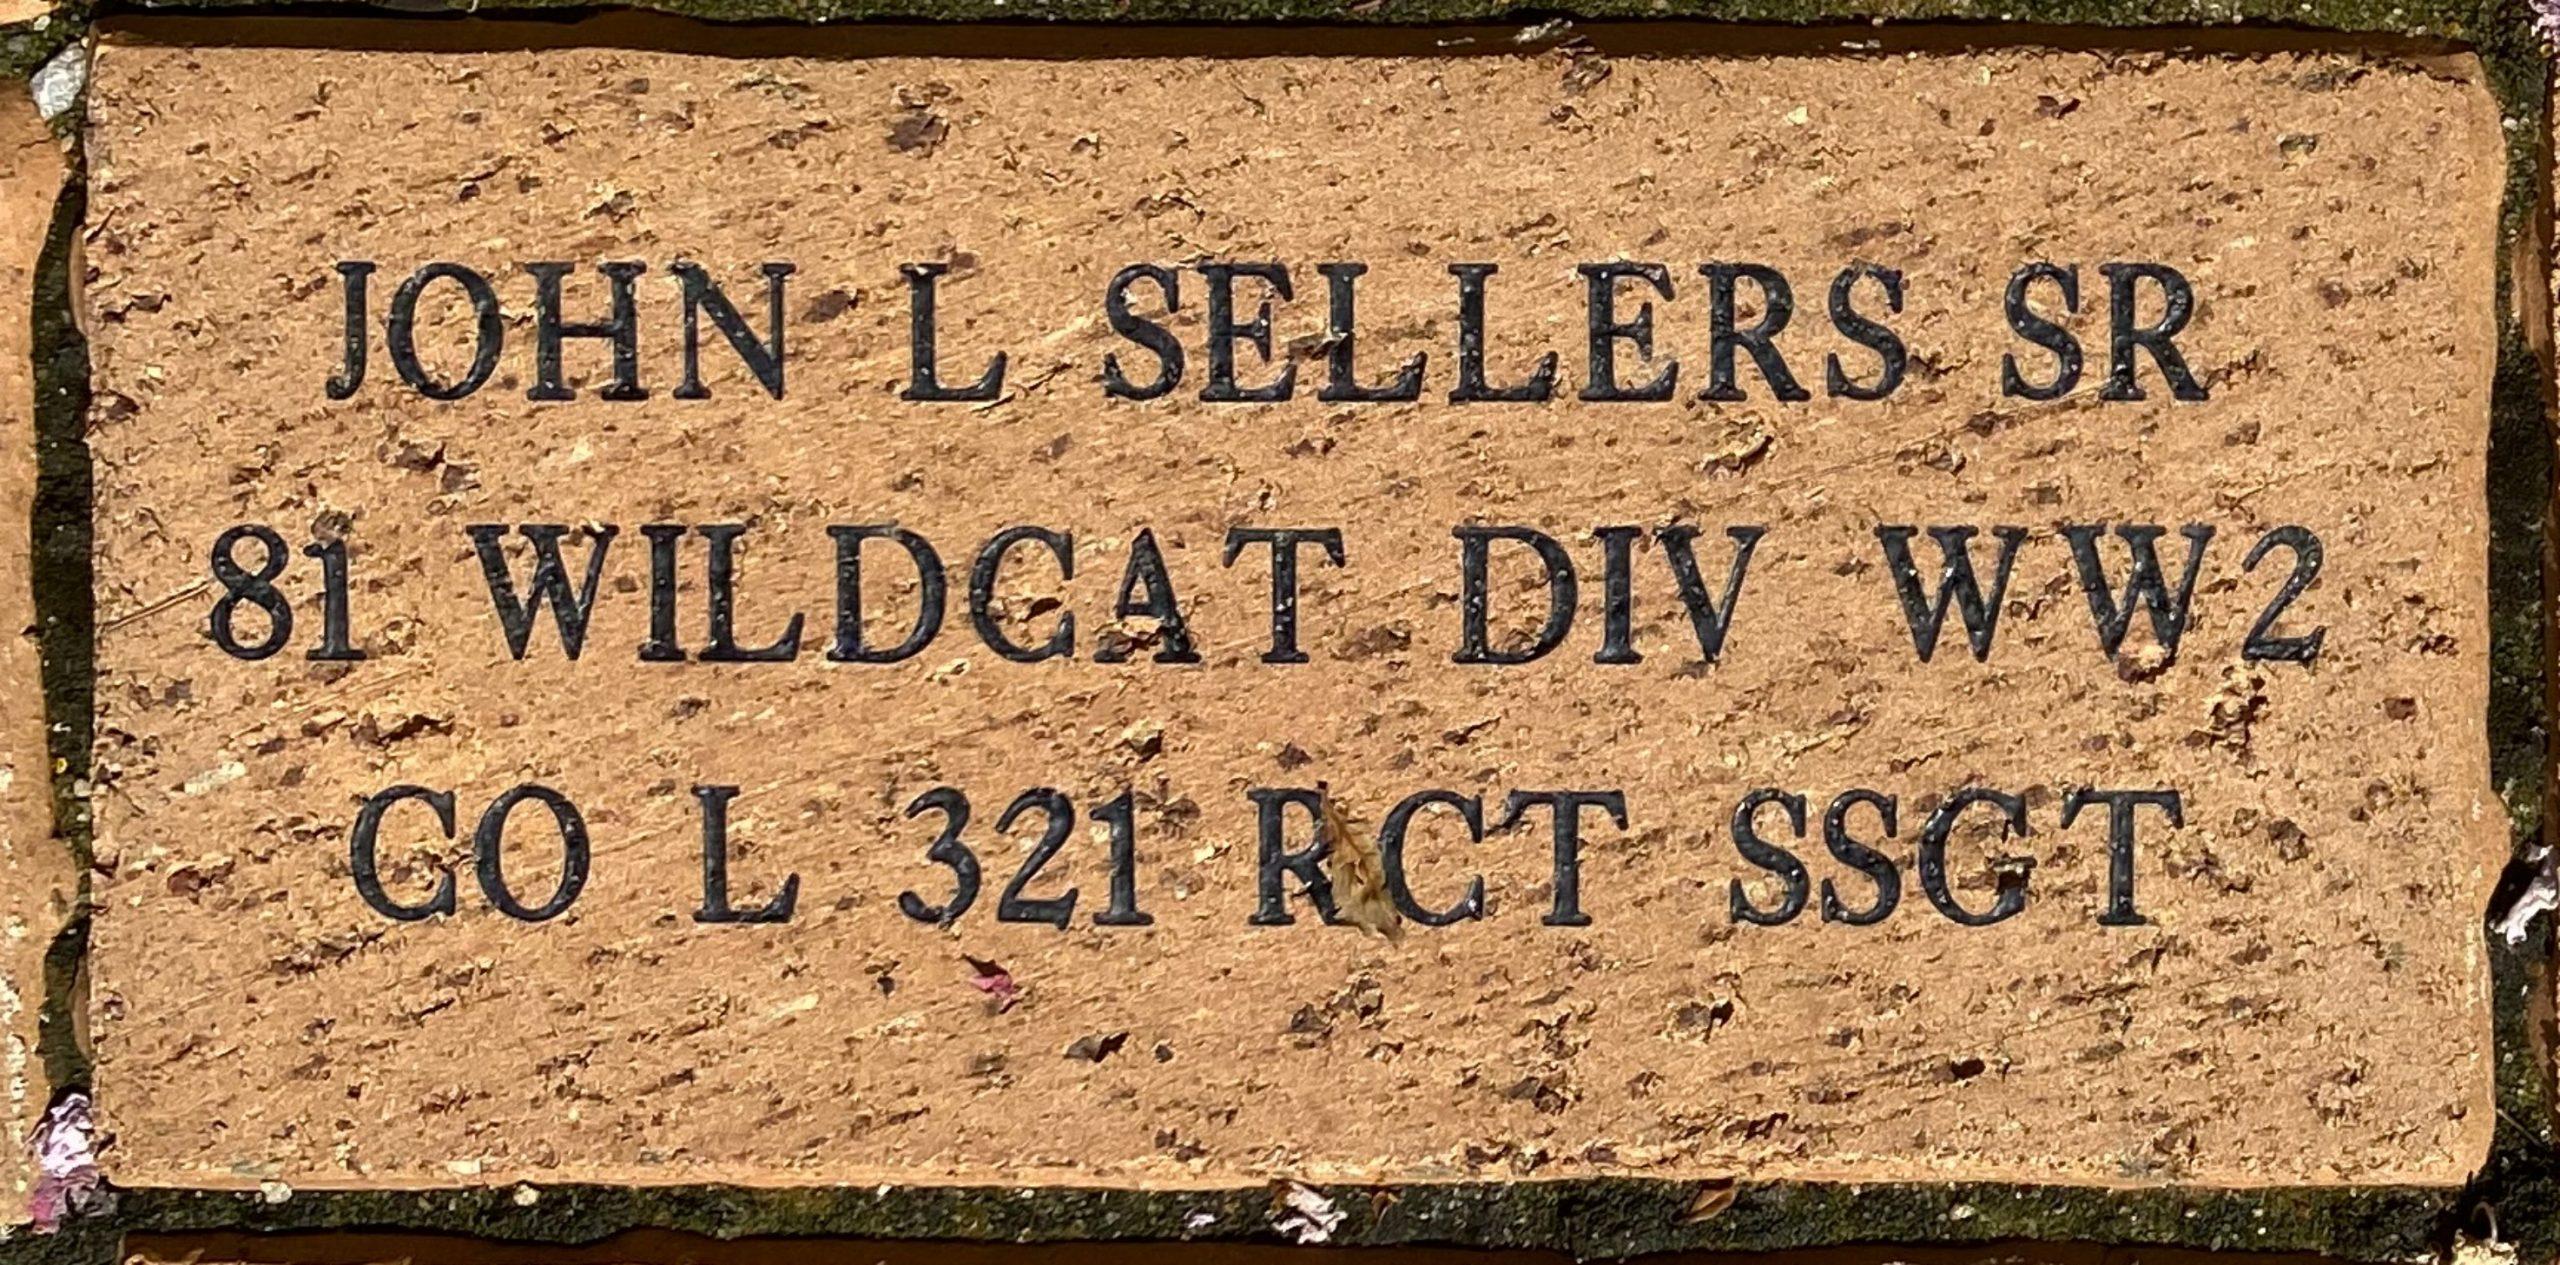 JOHN L SELLERS SR 81 WILDCAT DIV WW2 CO L 321 RCT SSGT